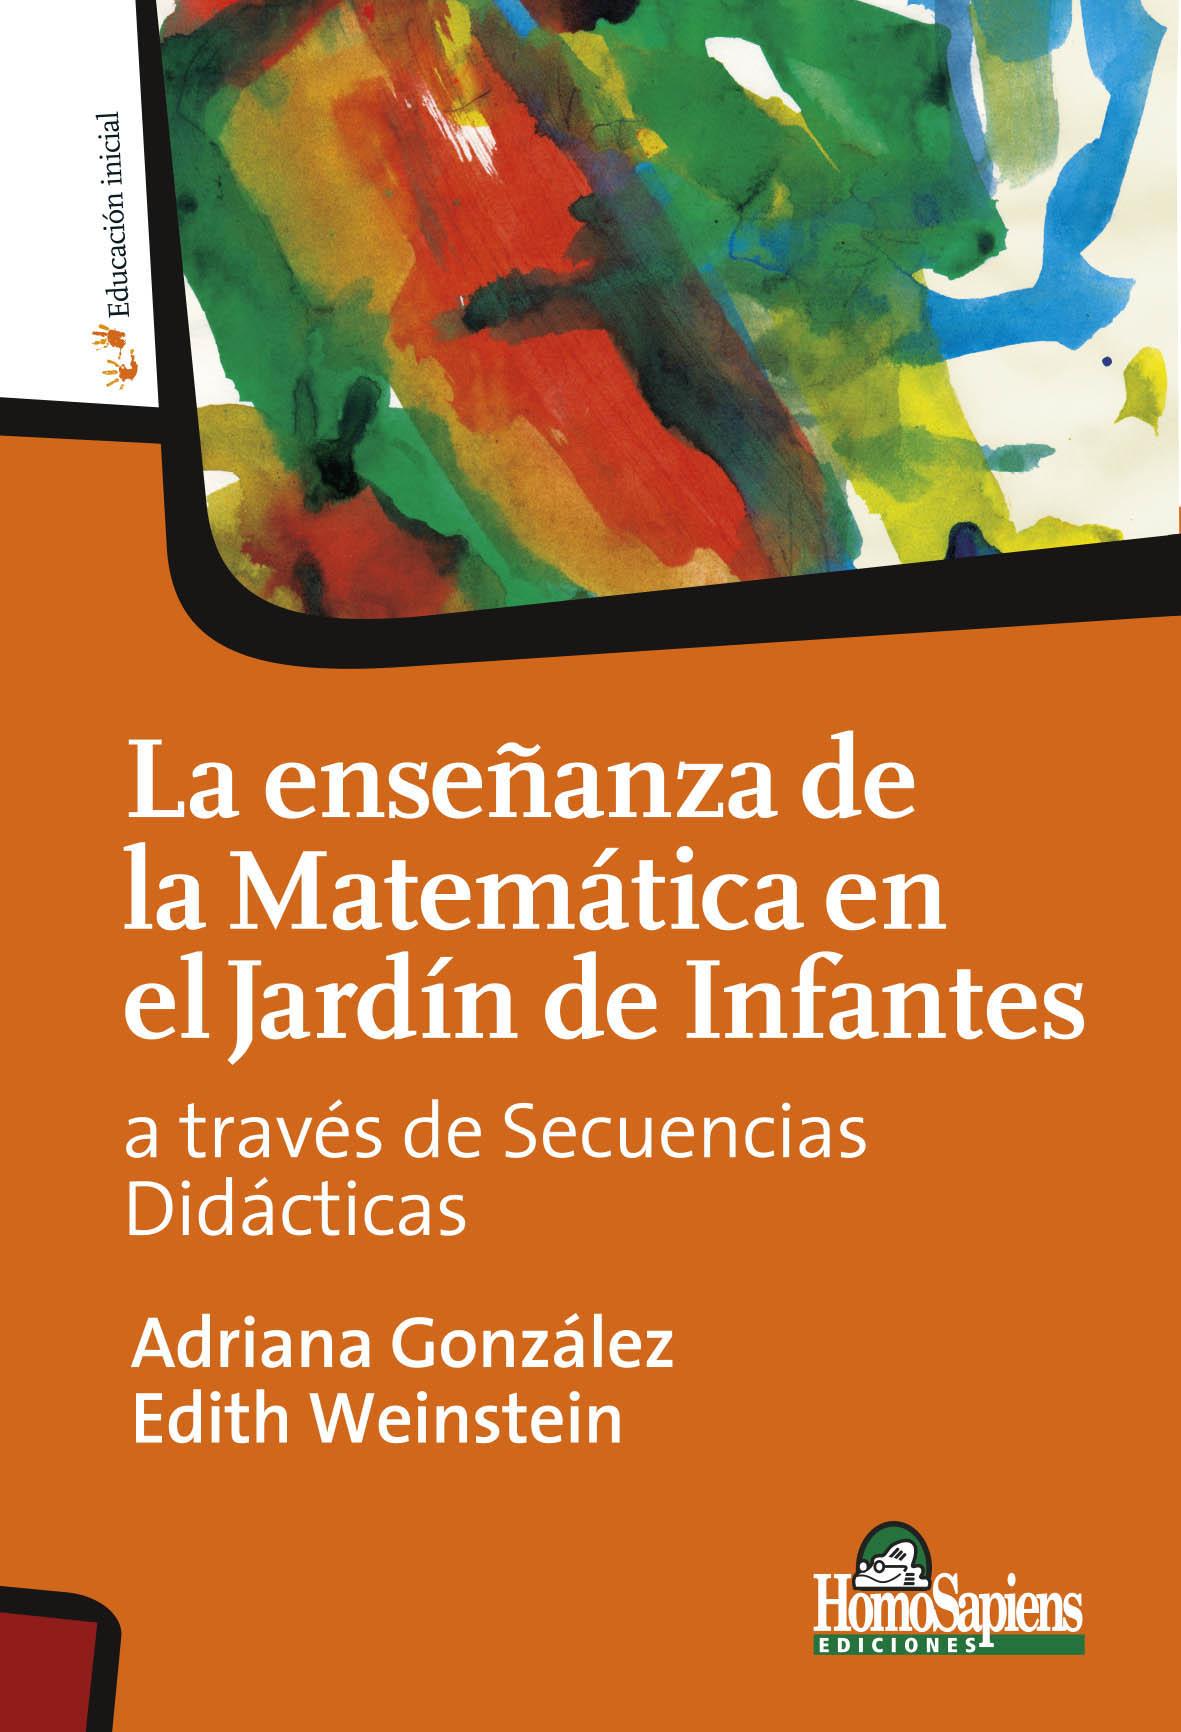 La enseñanza de la matemática en el jardín de infantes a través de secuencias didácticas